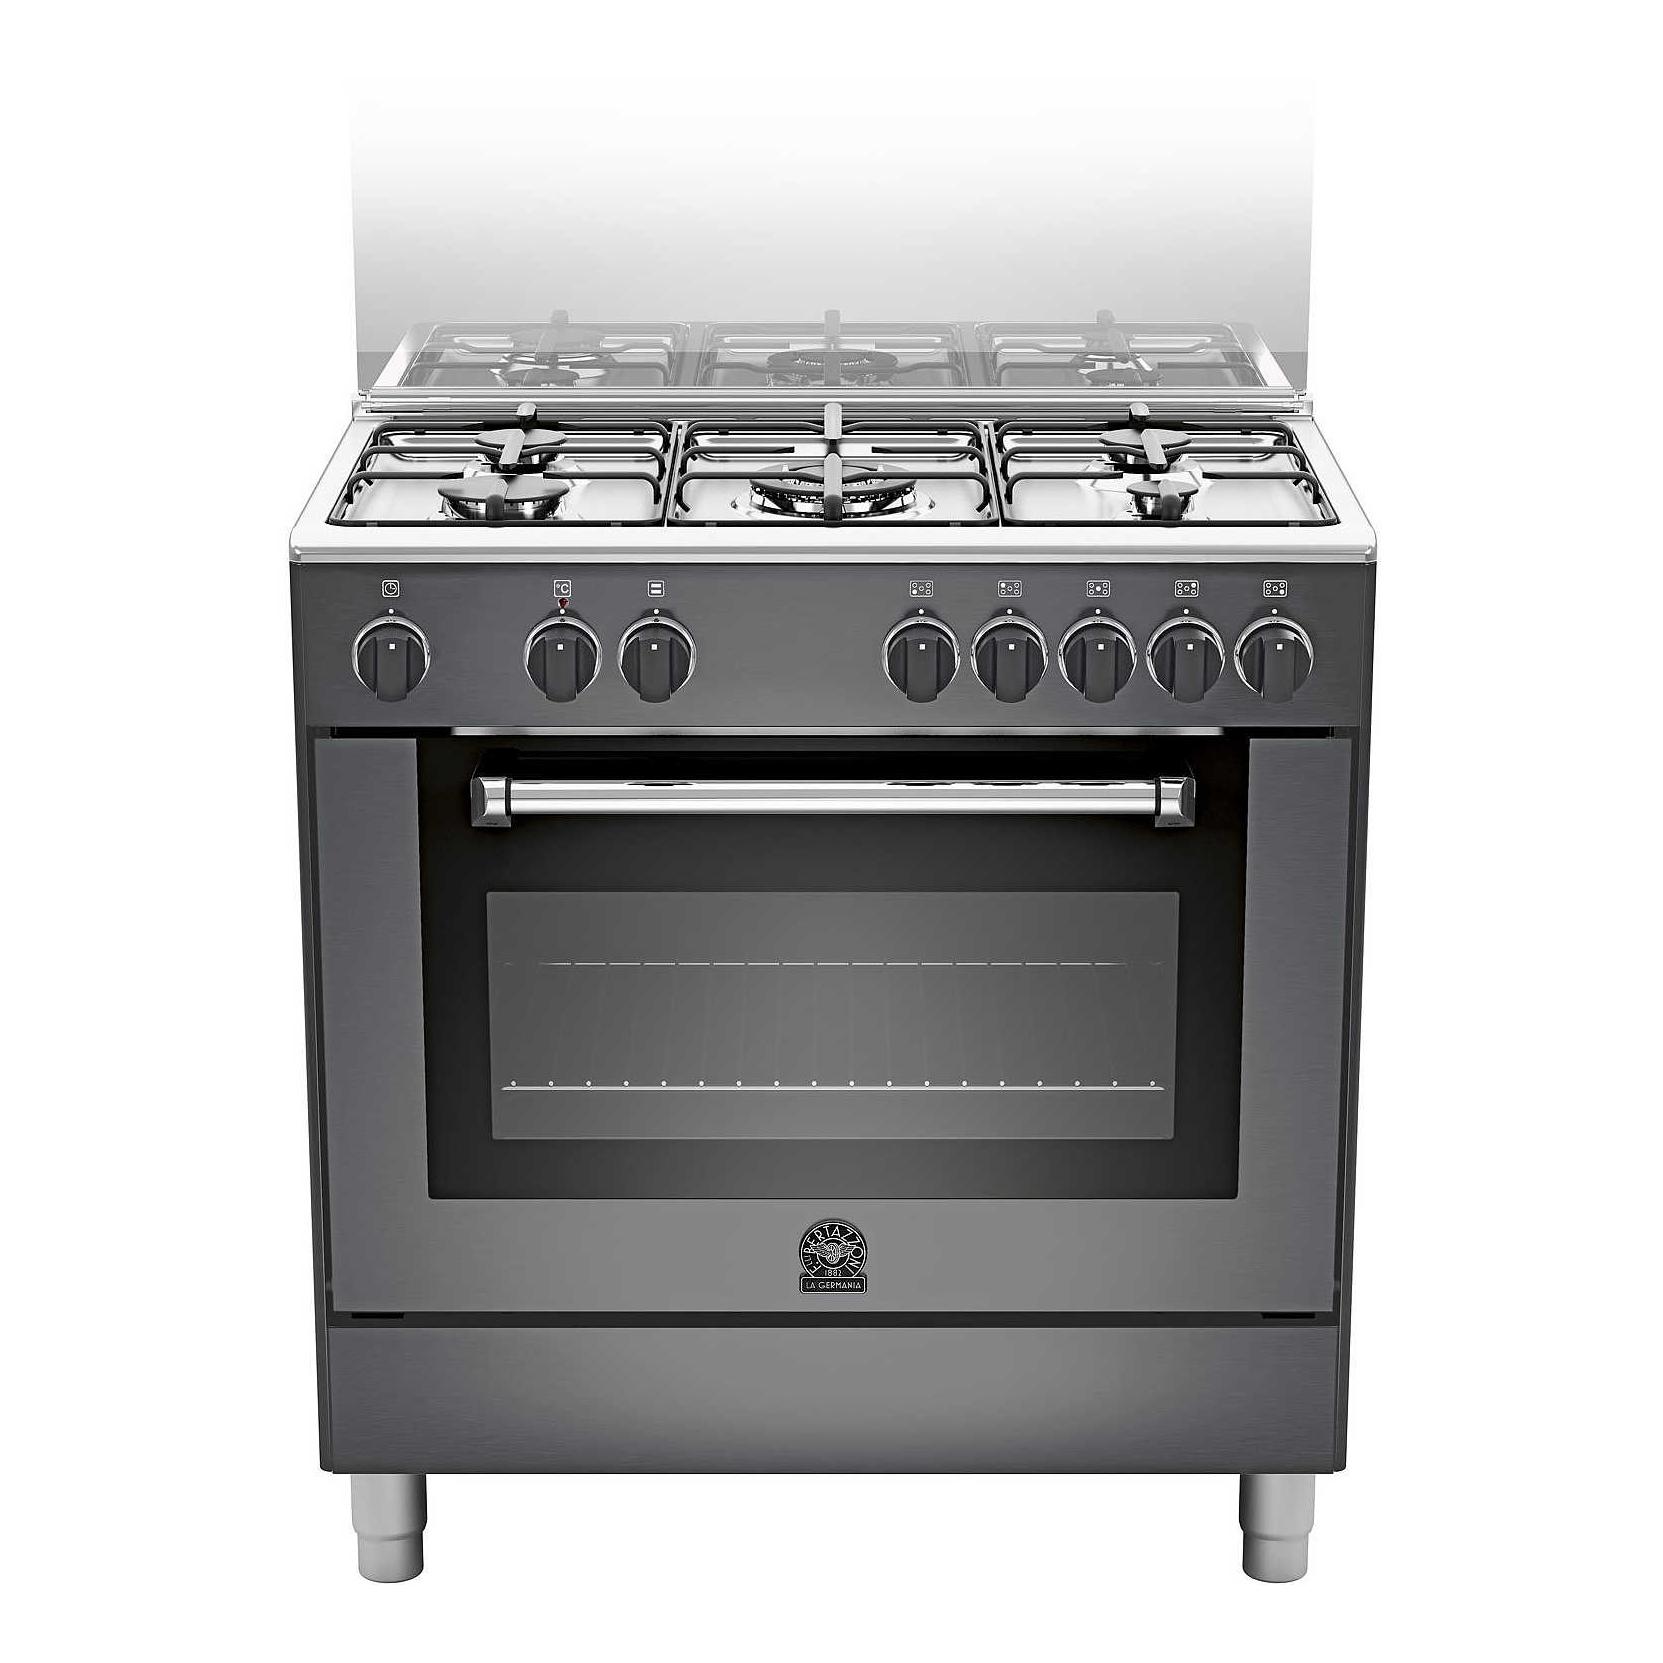 la germania amn805mfesnee cucina 5 fuochi a gas forno